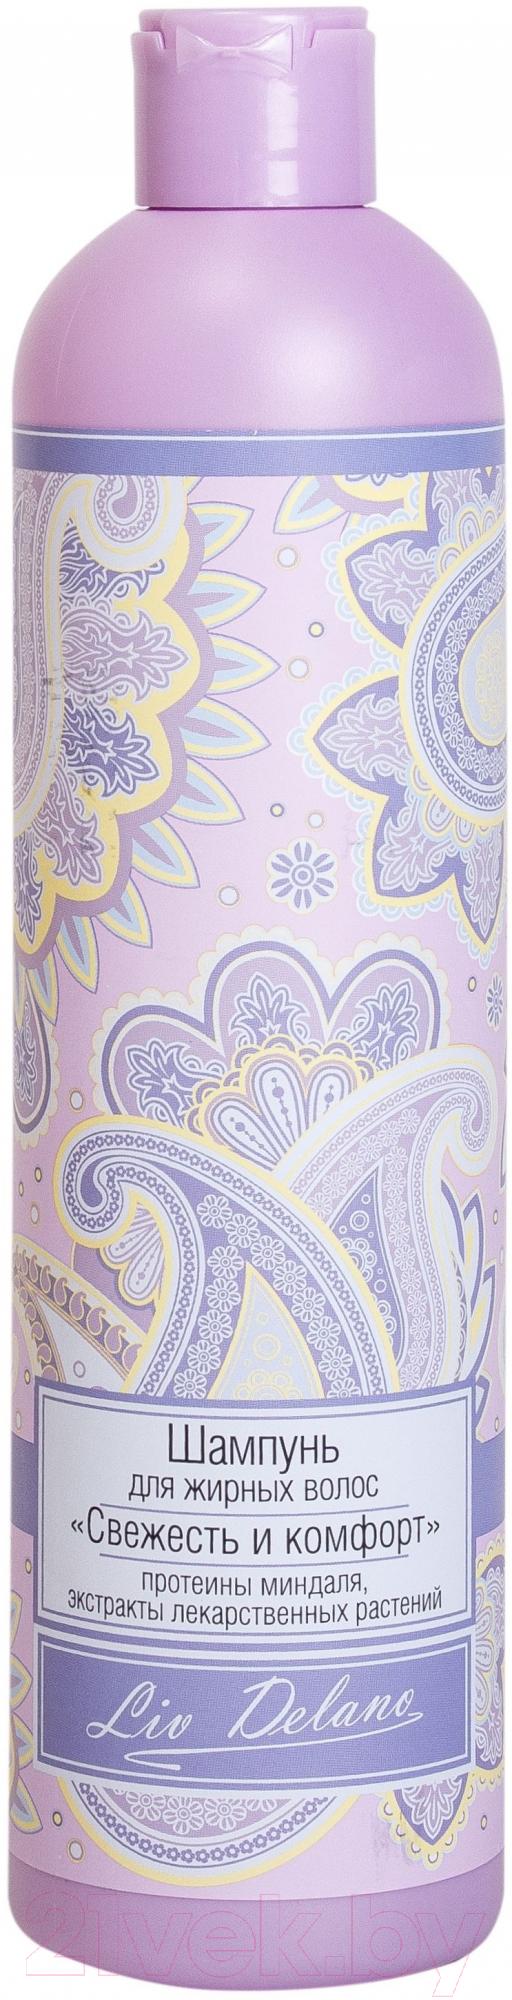 Купить Шампунь для волос Liv Delano, Свежесть и комфорт для жирных волос (400г), Беларусь